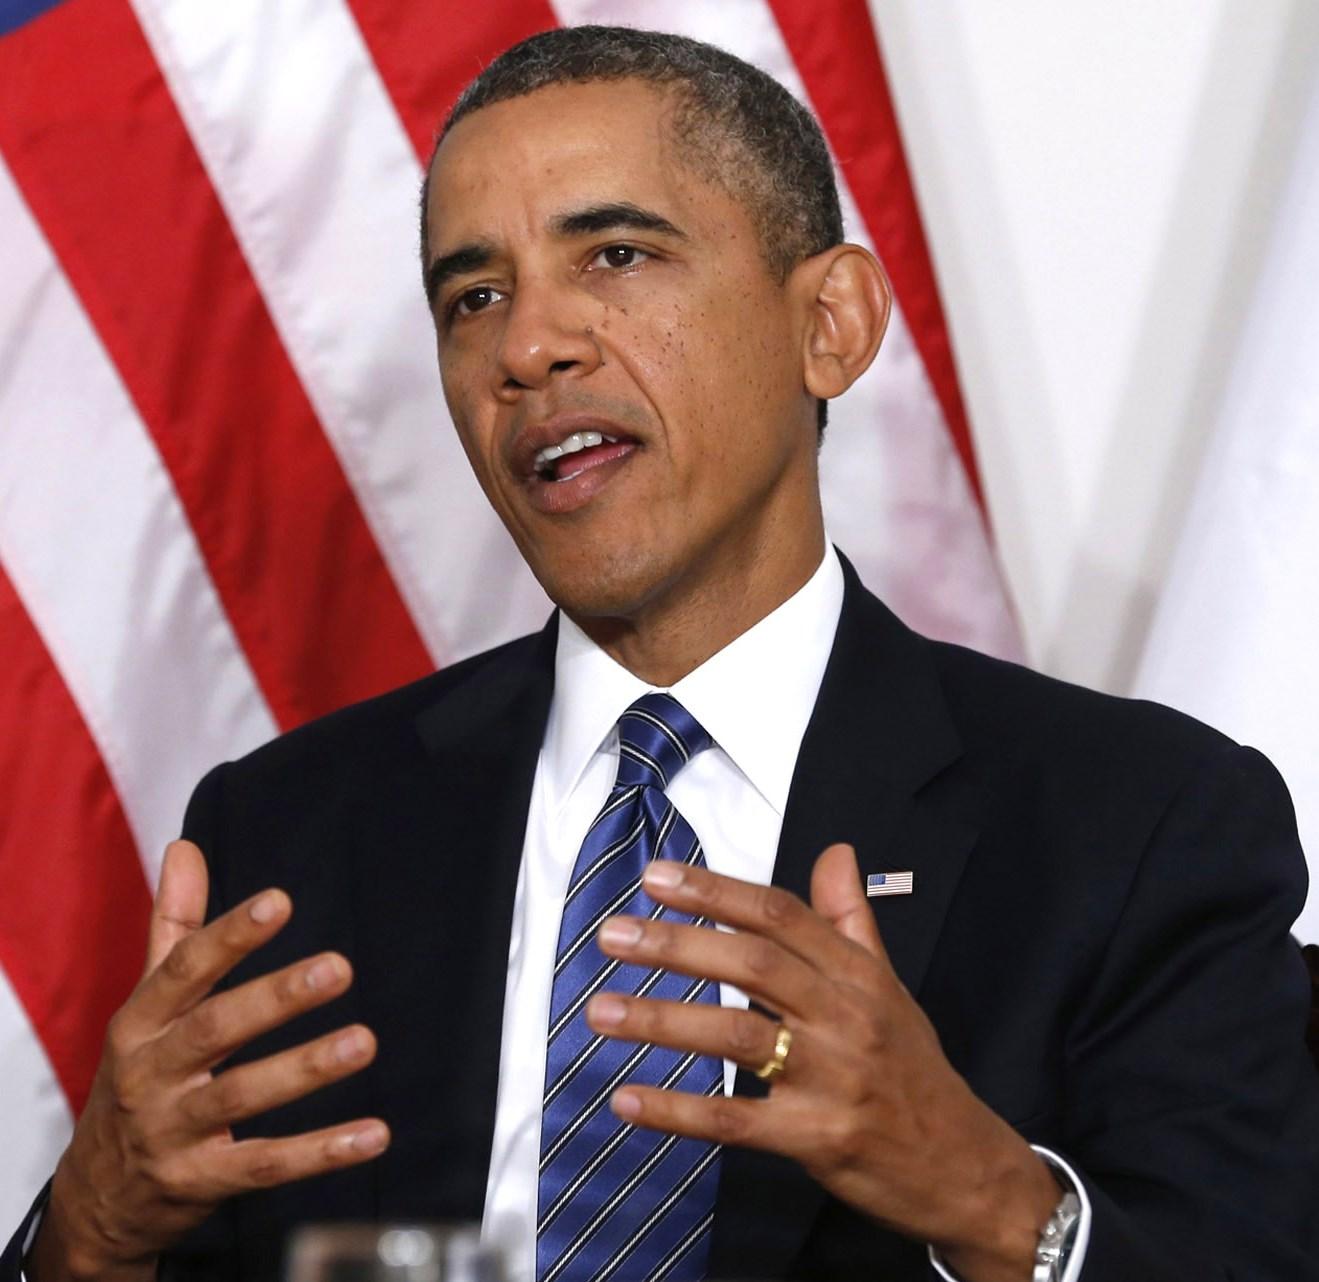 Le Président Obama  est-ce un mirage pour l'application des droits de l'homme en Afrique? (Actualités)